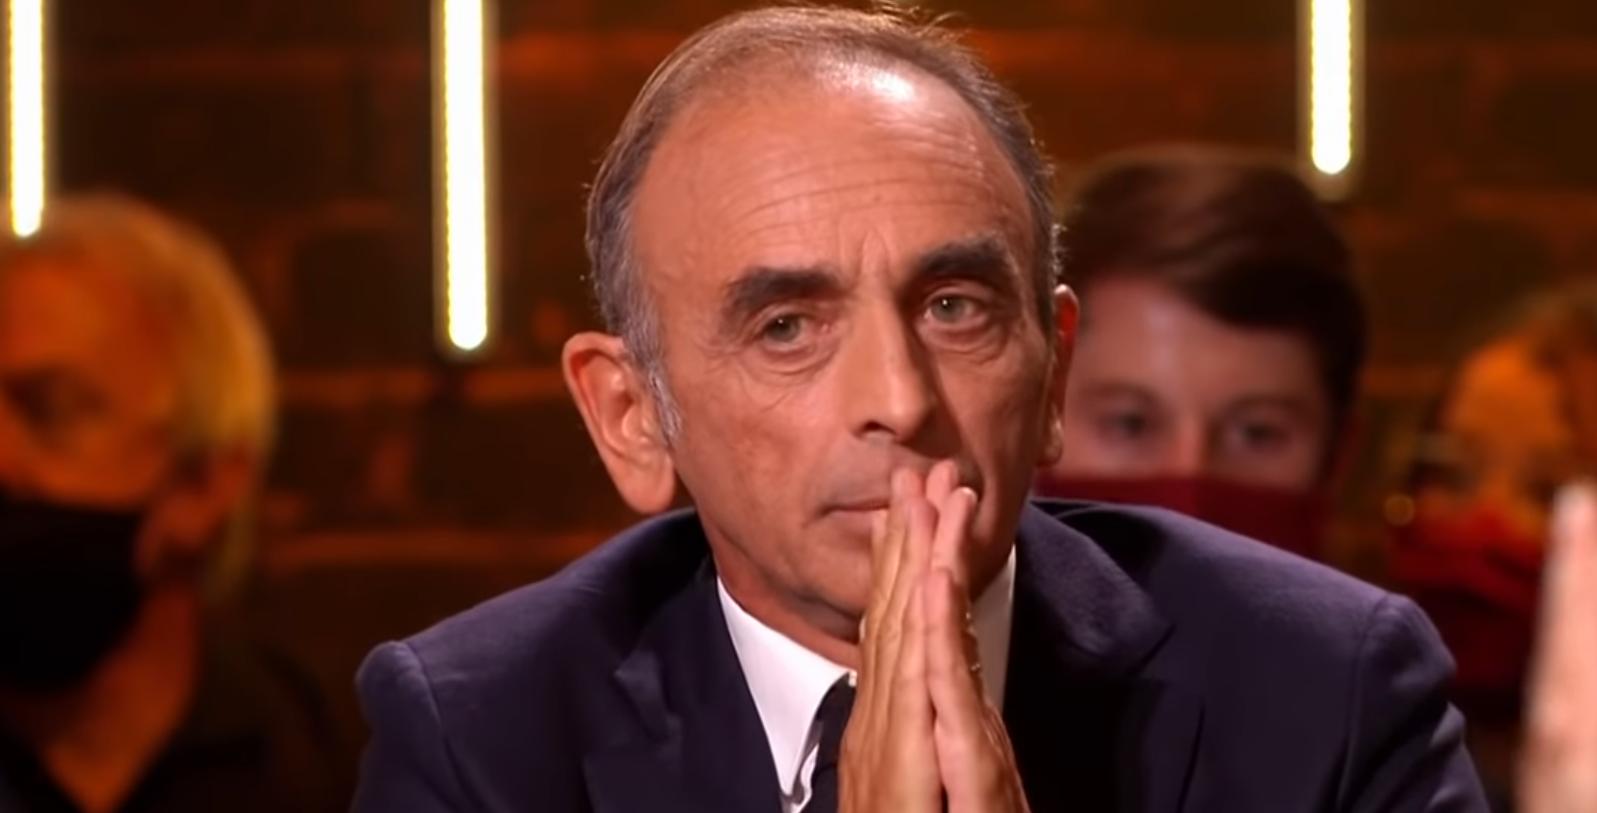 Franța| Eric Zemmour, posibil candidat la alegerile prezidențiale, vrea să interzică prenumele Mohamed